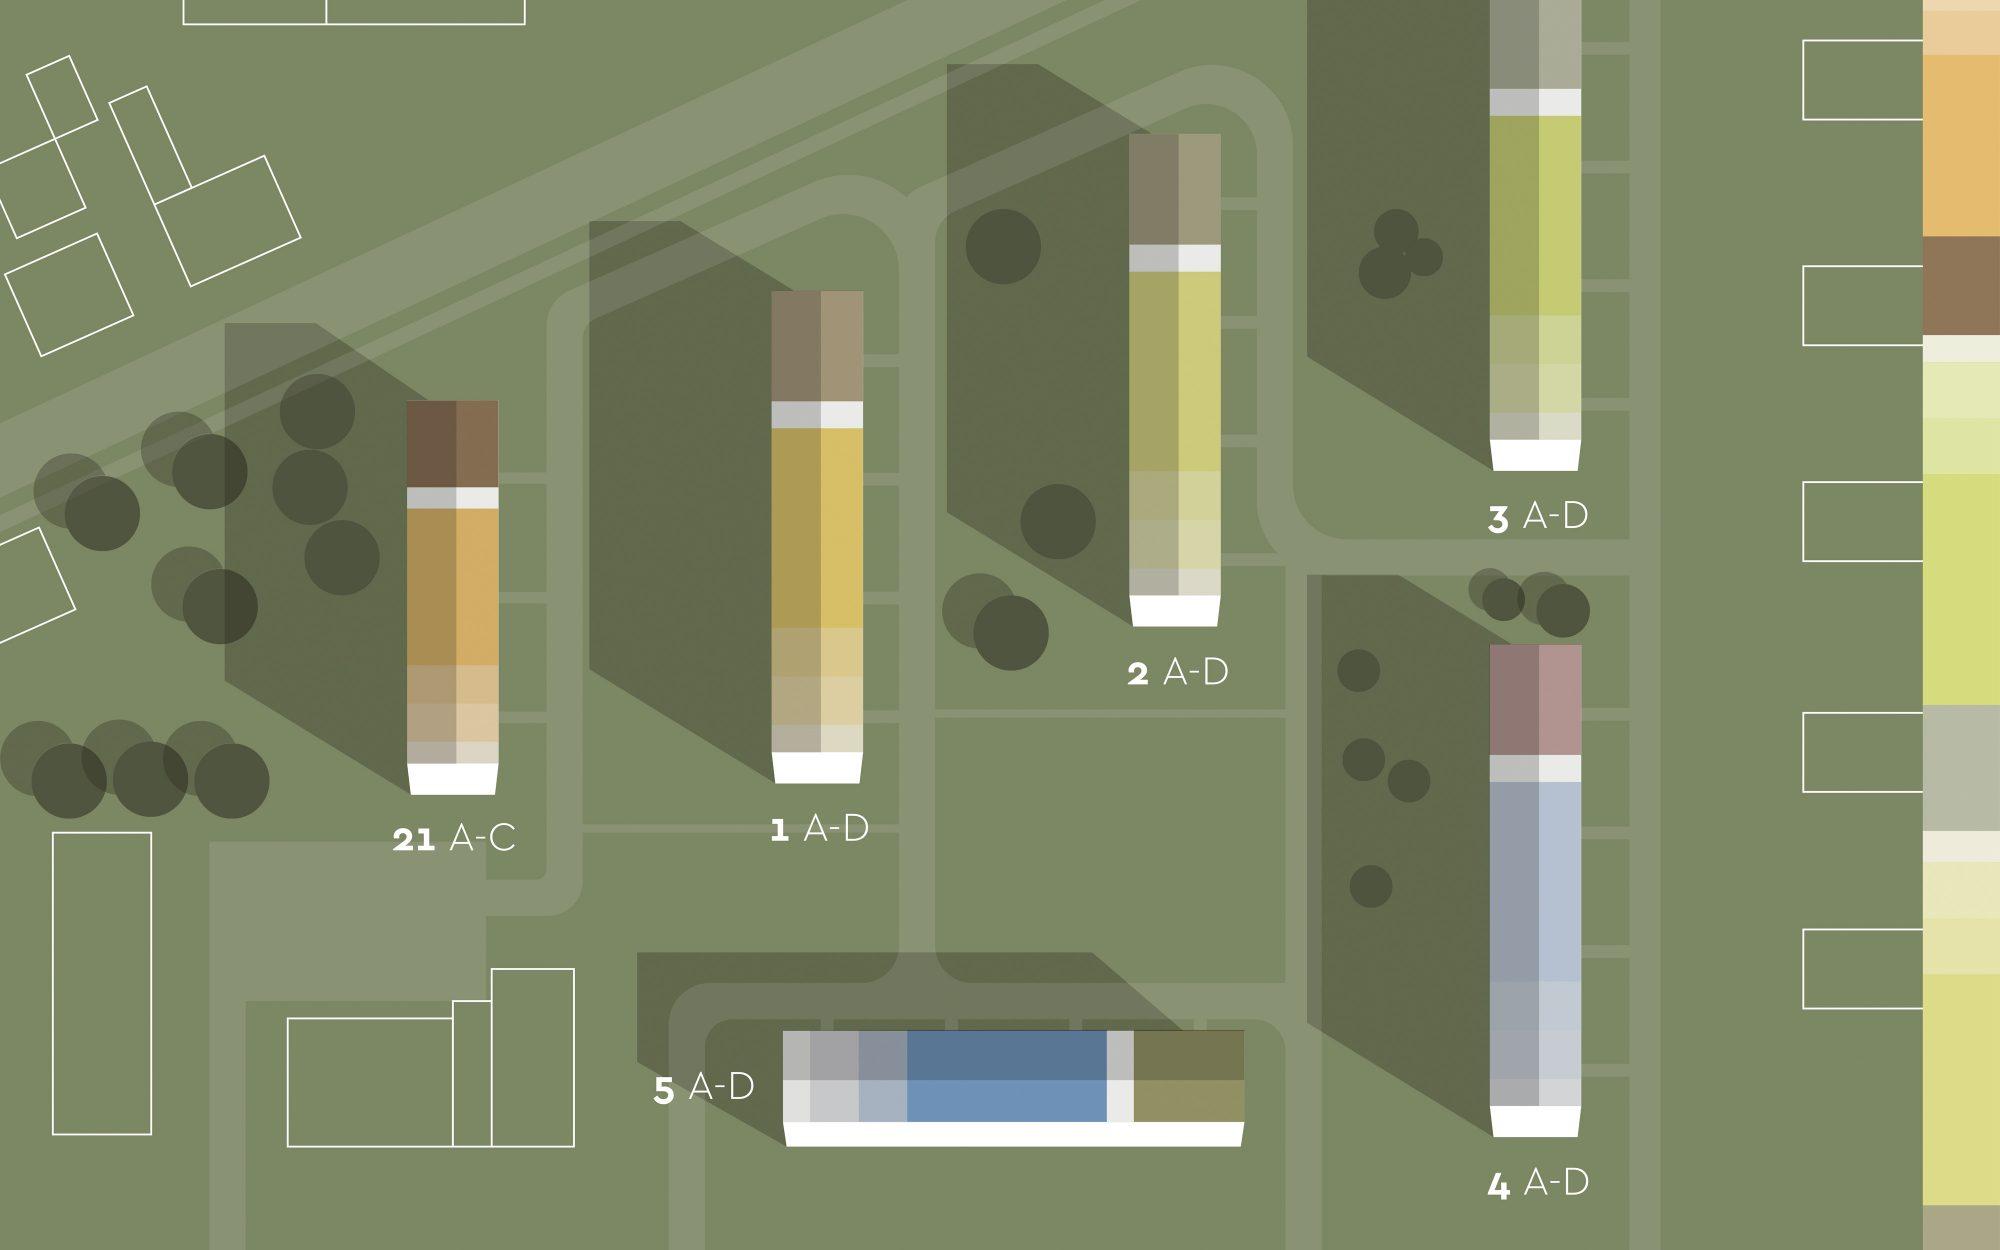 GRACO-Ketzin-Farbschema-Wohngebiet